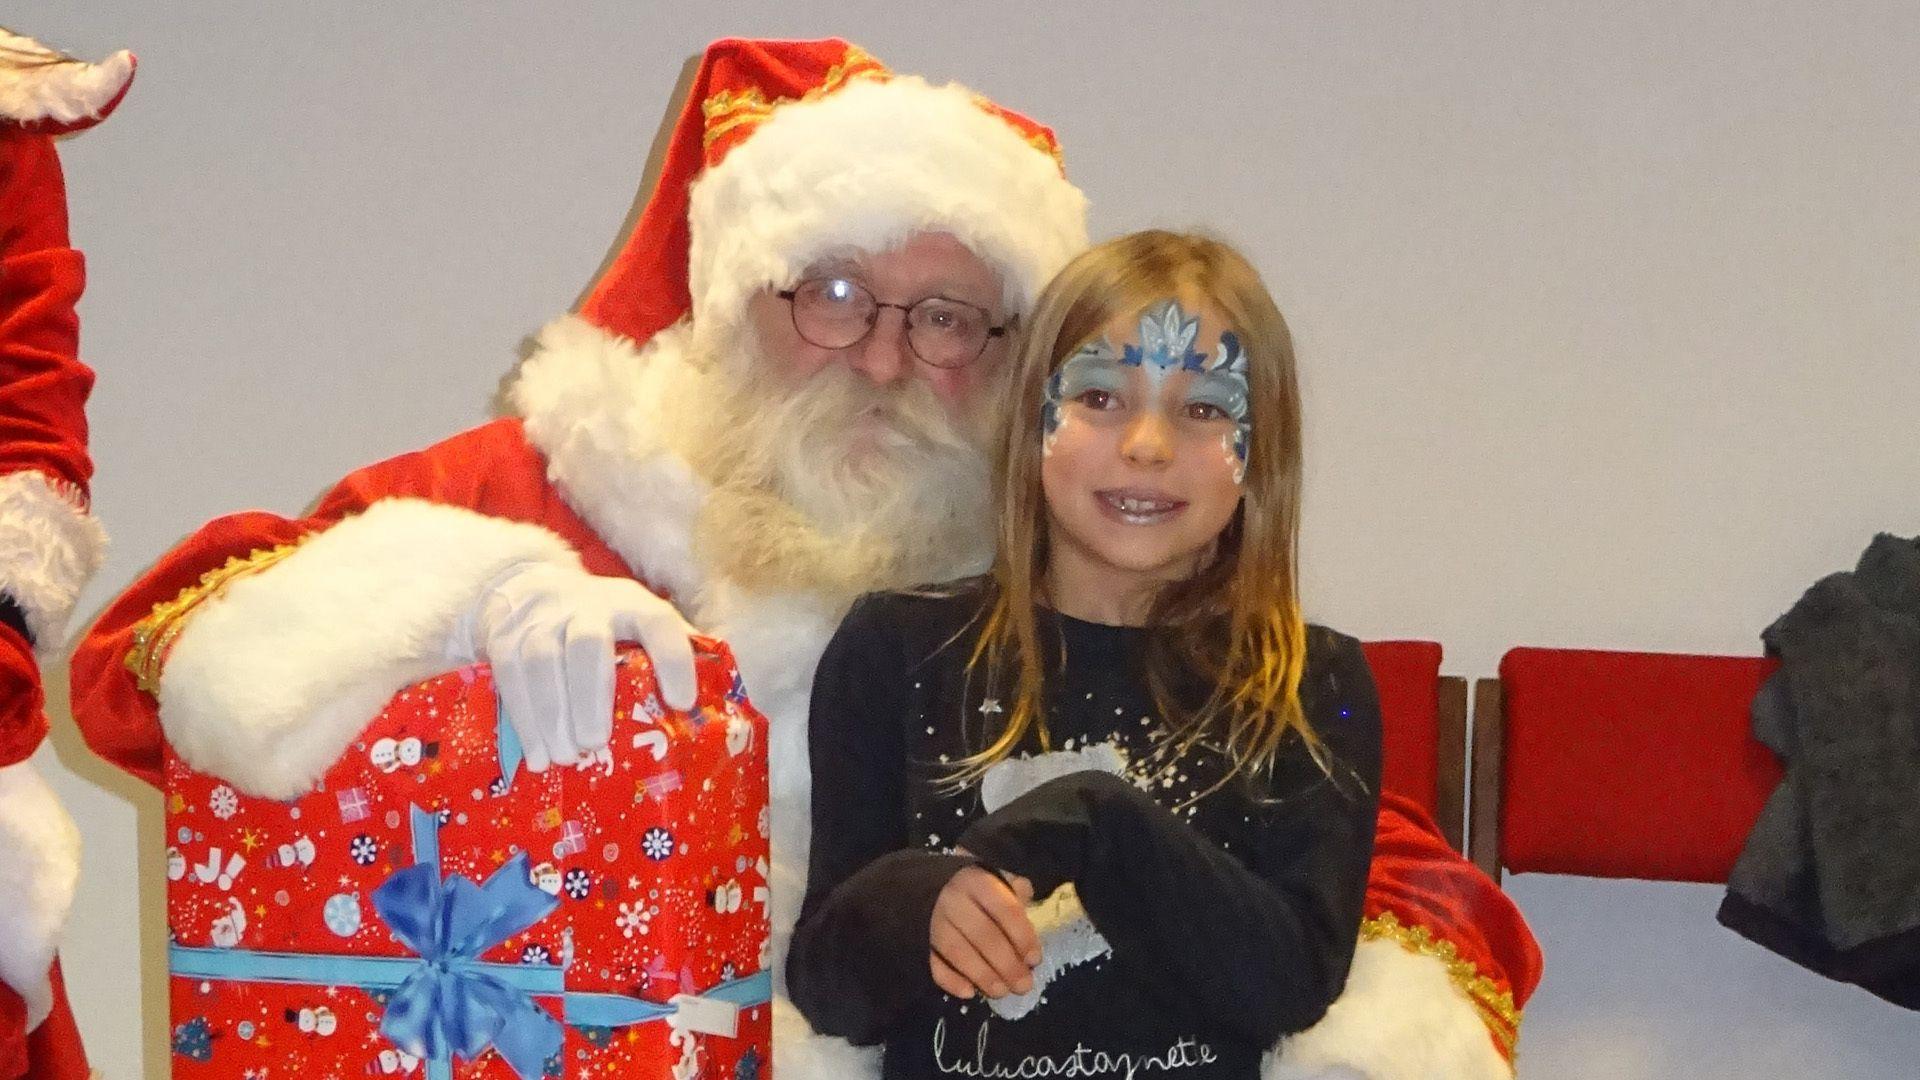 Temps d'Eveil : « c'est l'heure d'écrire au Père Noël » : Des cadeaux pour les enfants sages